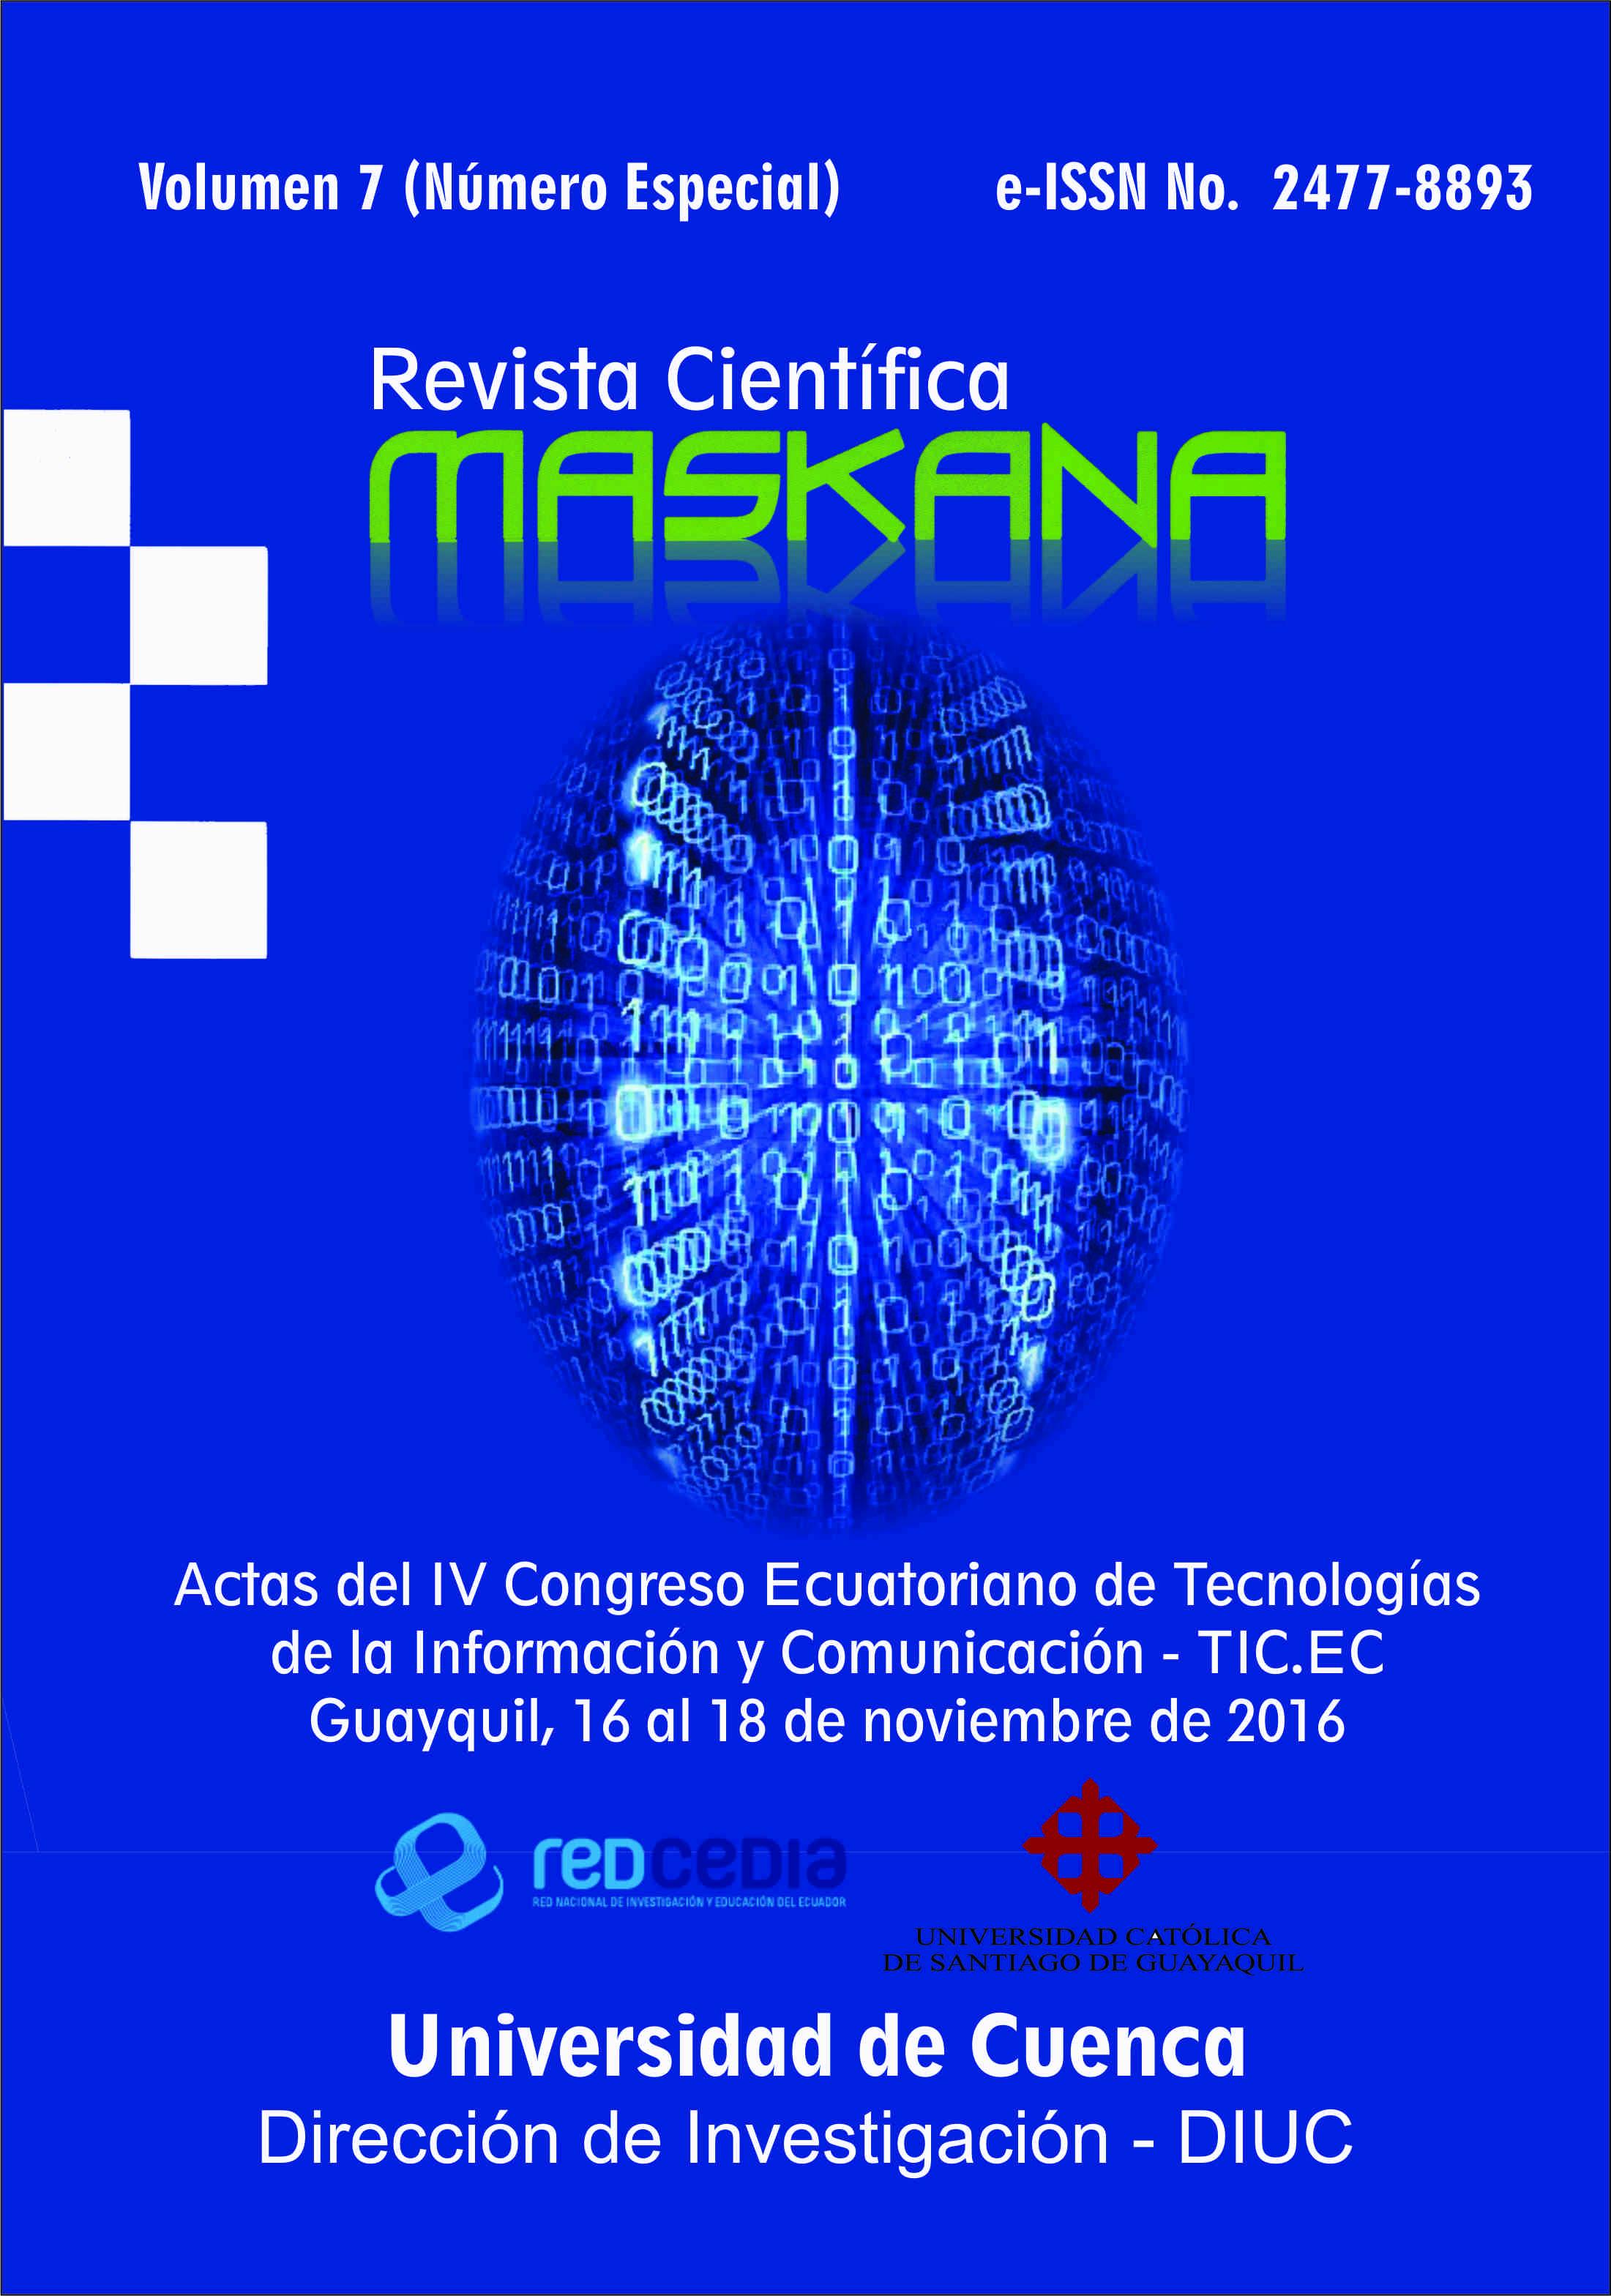 Ver Vol. 7 (2016): Actas del IV Congreso Ecuatoriano de Tecnologías de la Información y Comunicación - TIC.EC 2016